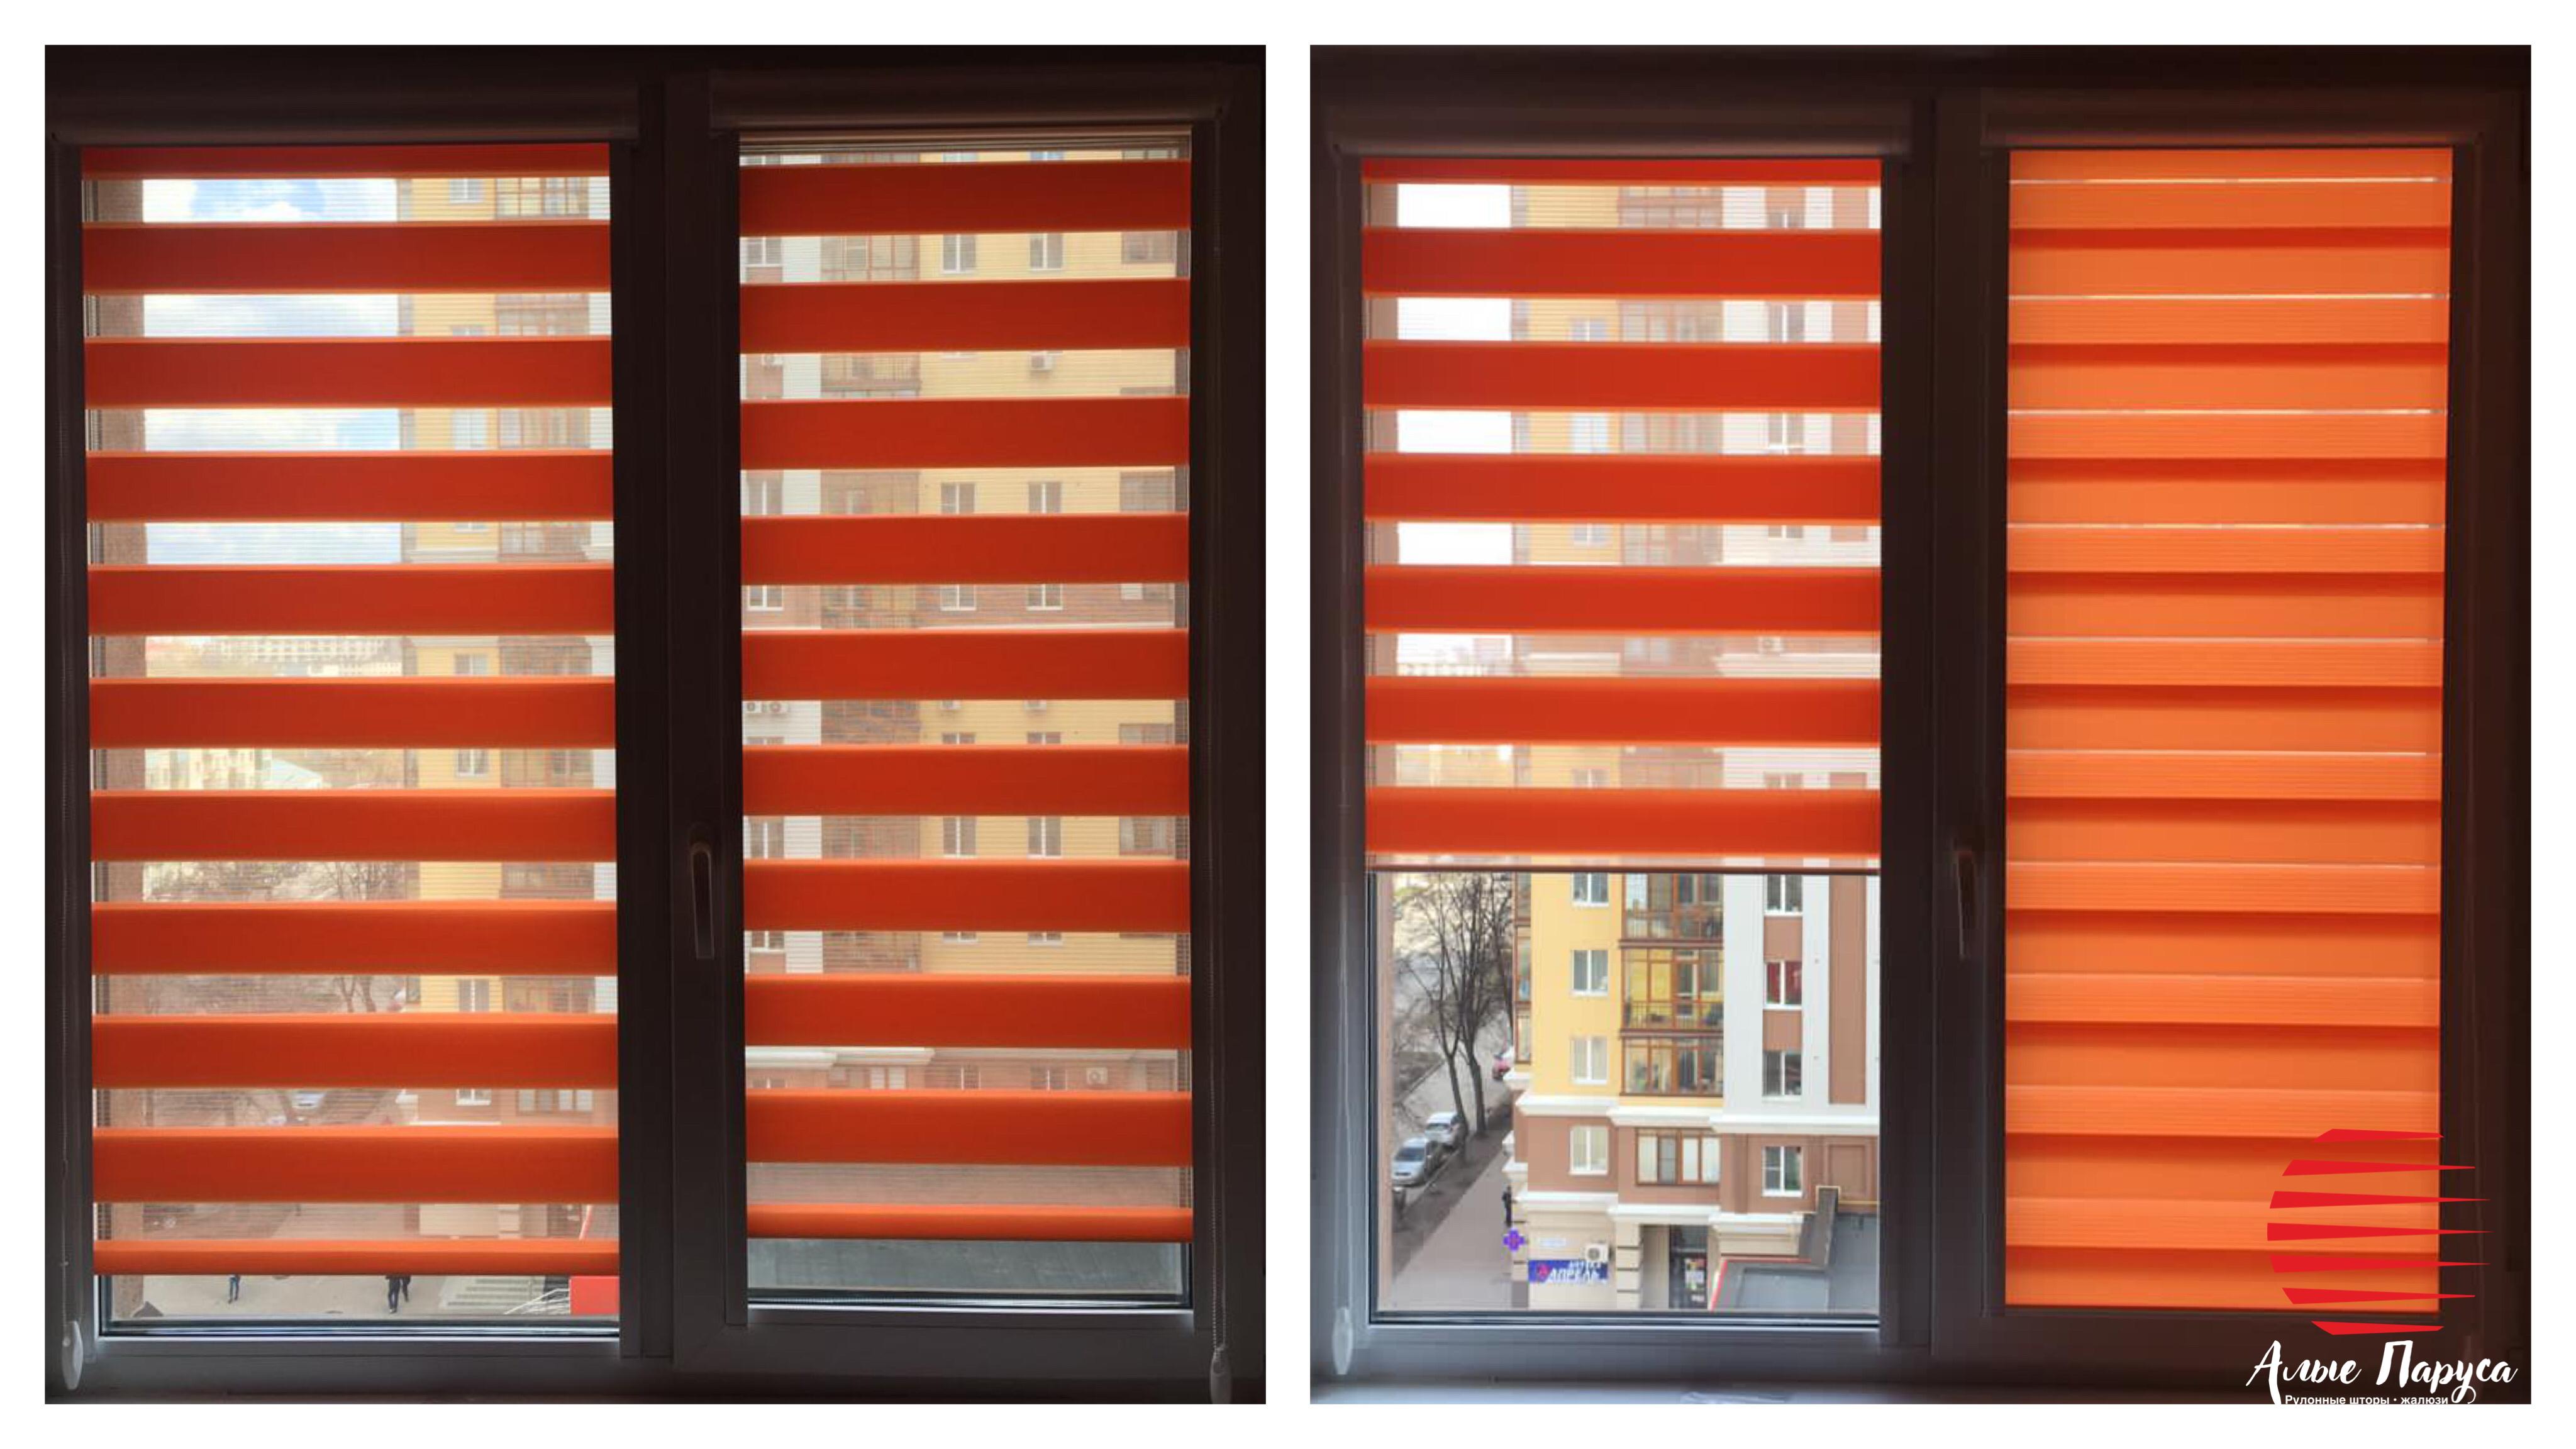 Рулонные шторы День-ночь (Зебра) производства компании Алые Паруса в разных положениях на окне